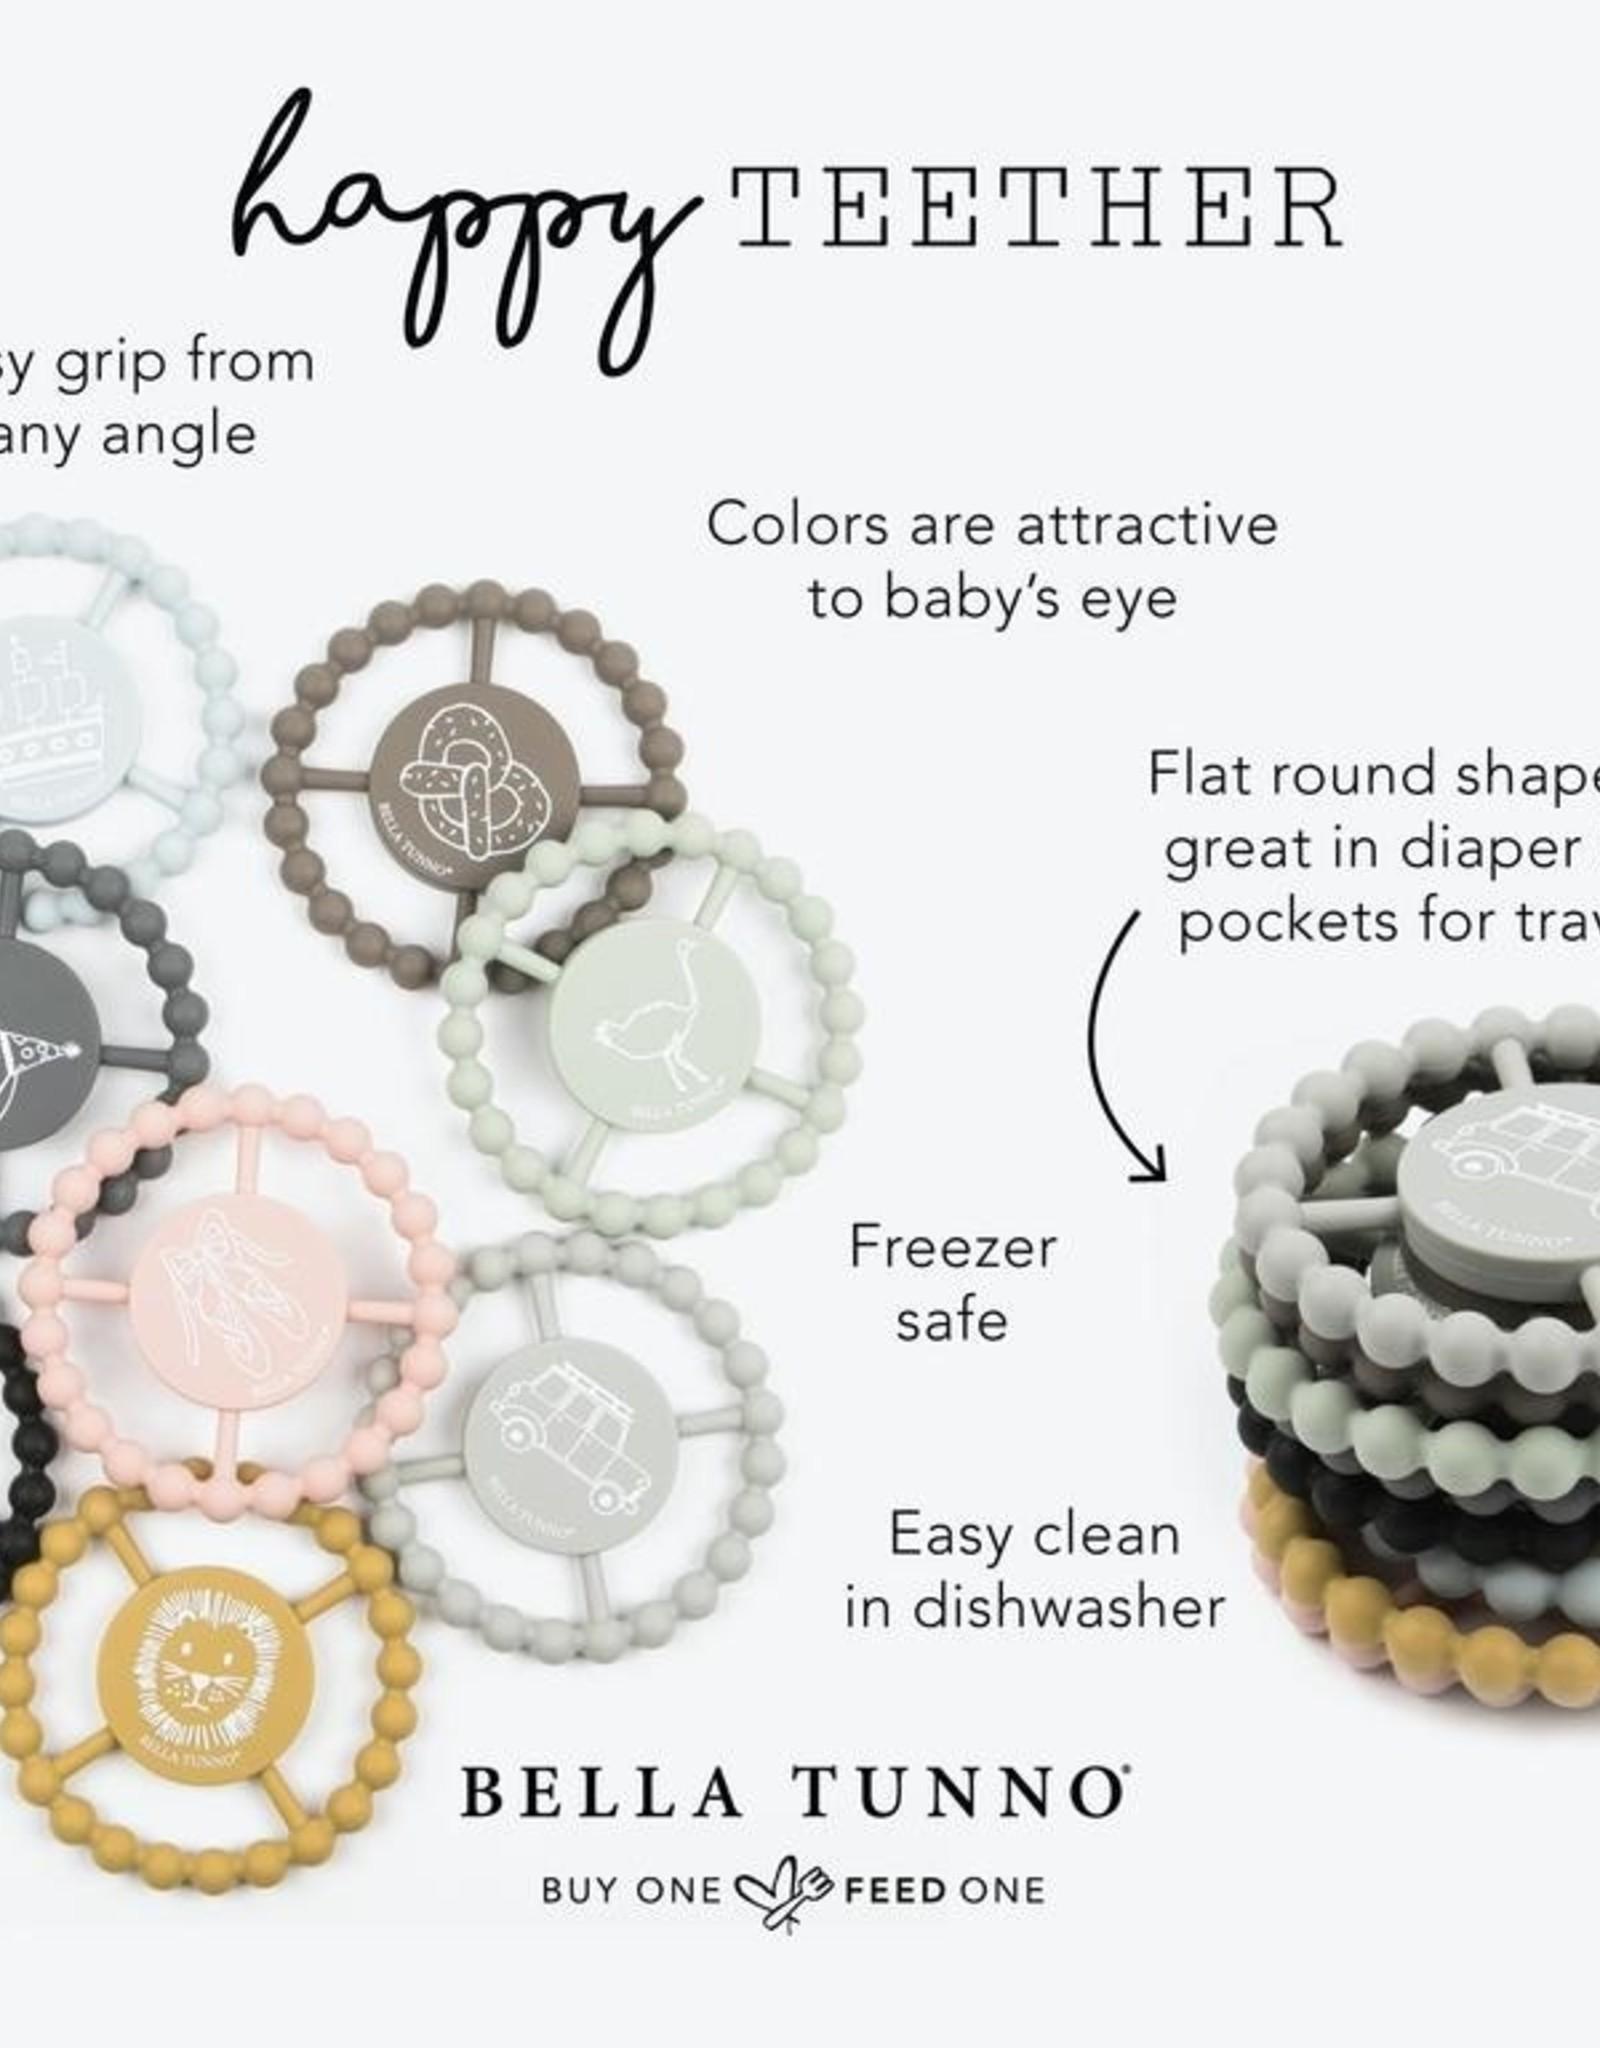 Bella Tunno Bella Tunno Happy Teether - Choose Joy